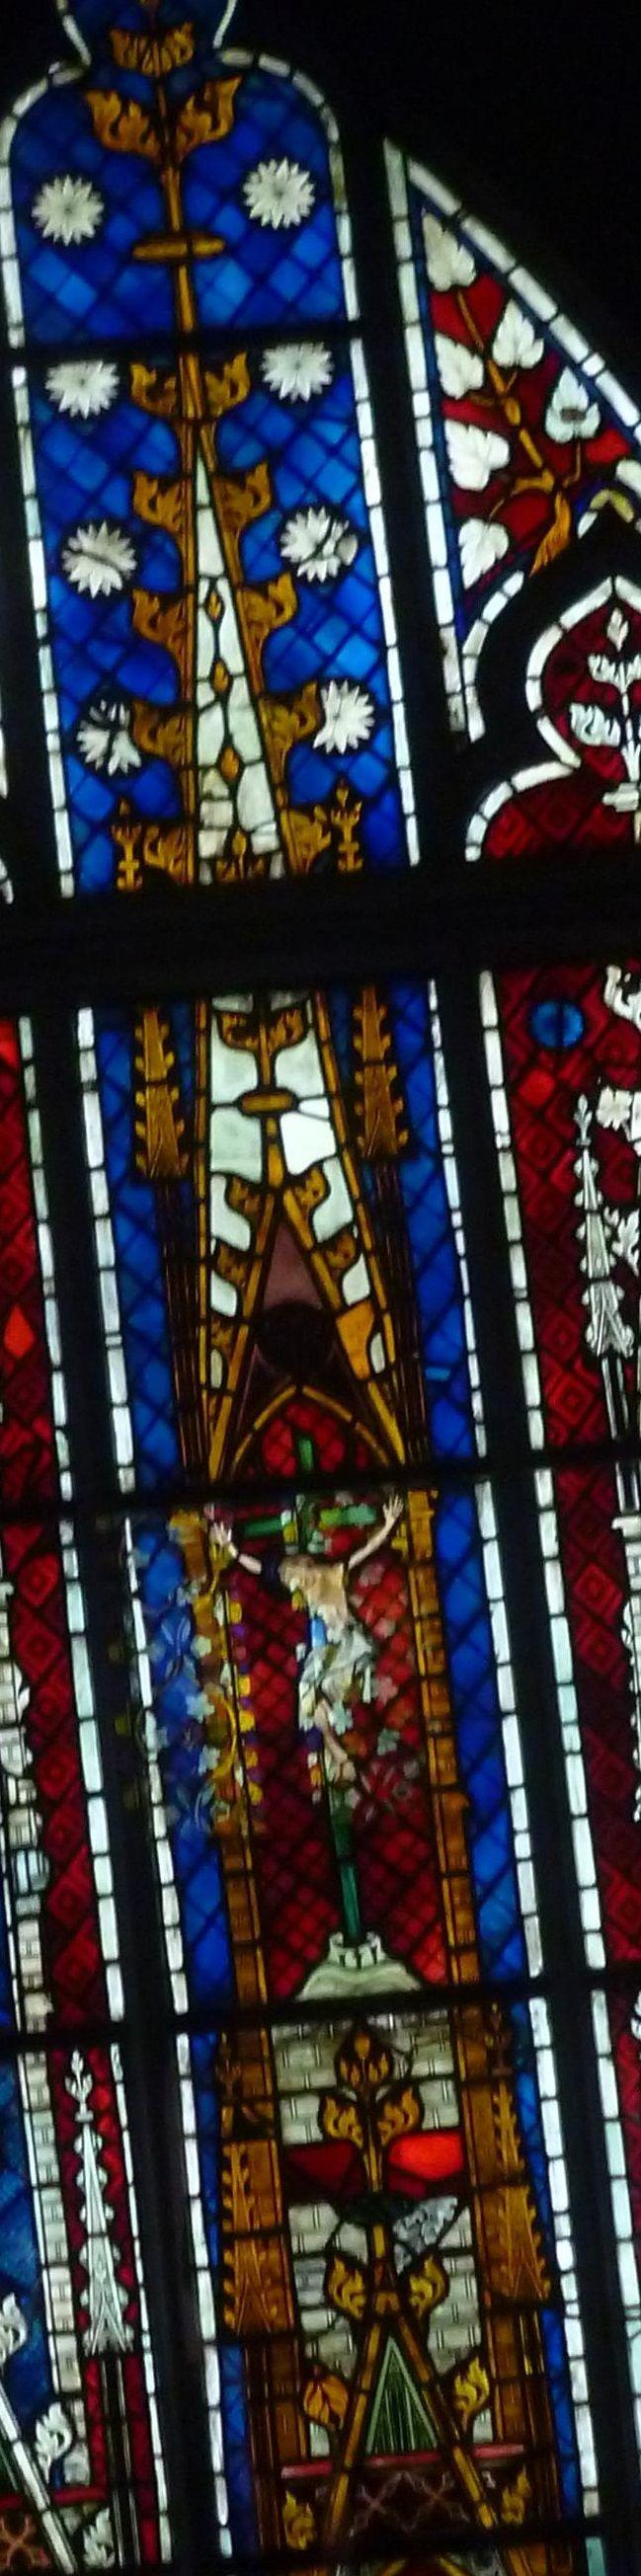 Vetrata da Mutzig (inizi IV sec.) con Crocifisso, Vergine e Sa Giovanni Evangelista. Strasbourg, musèe de l'oeuvre Notre-Dame